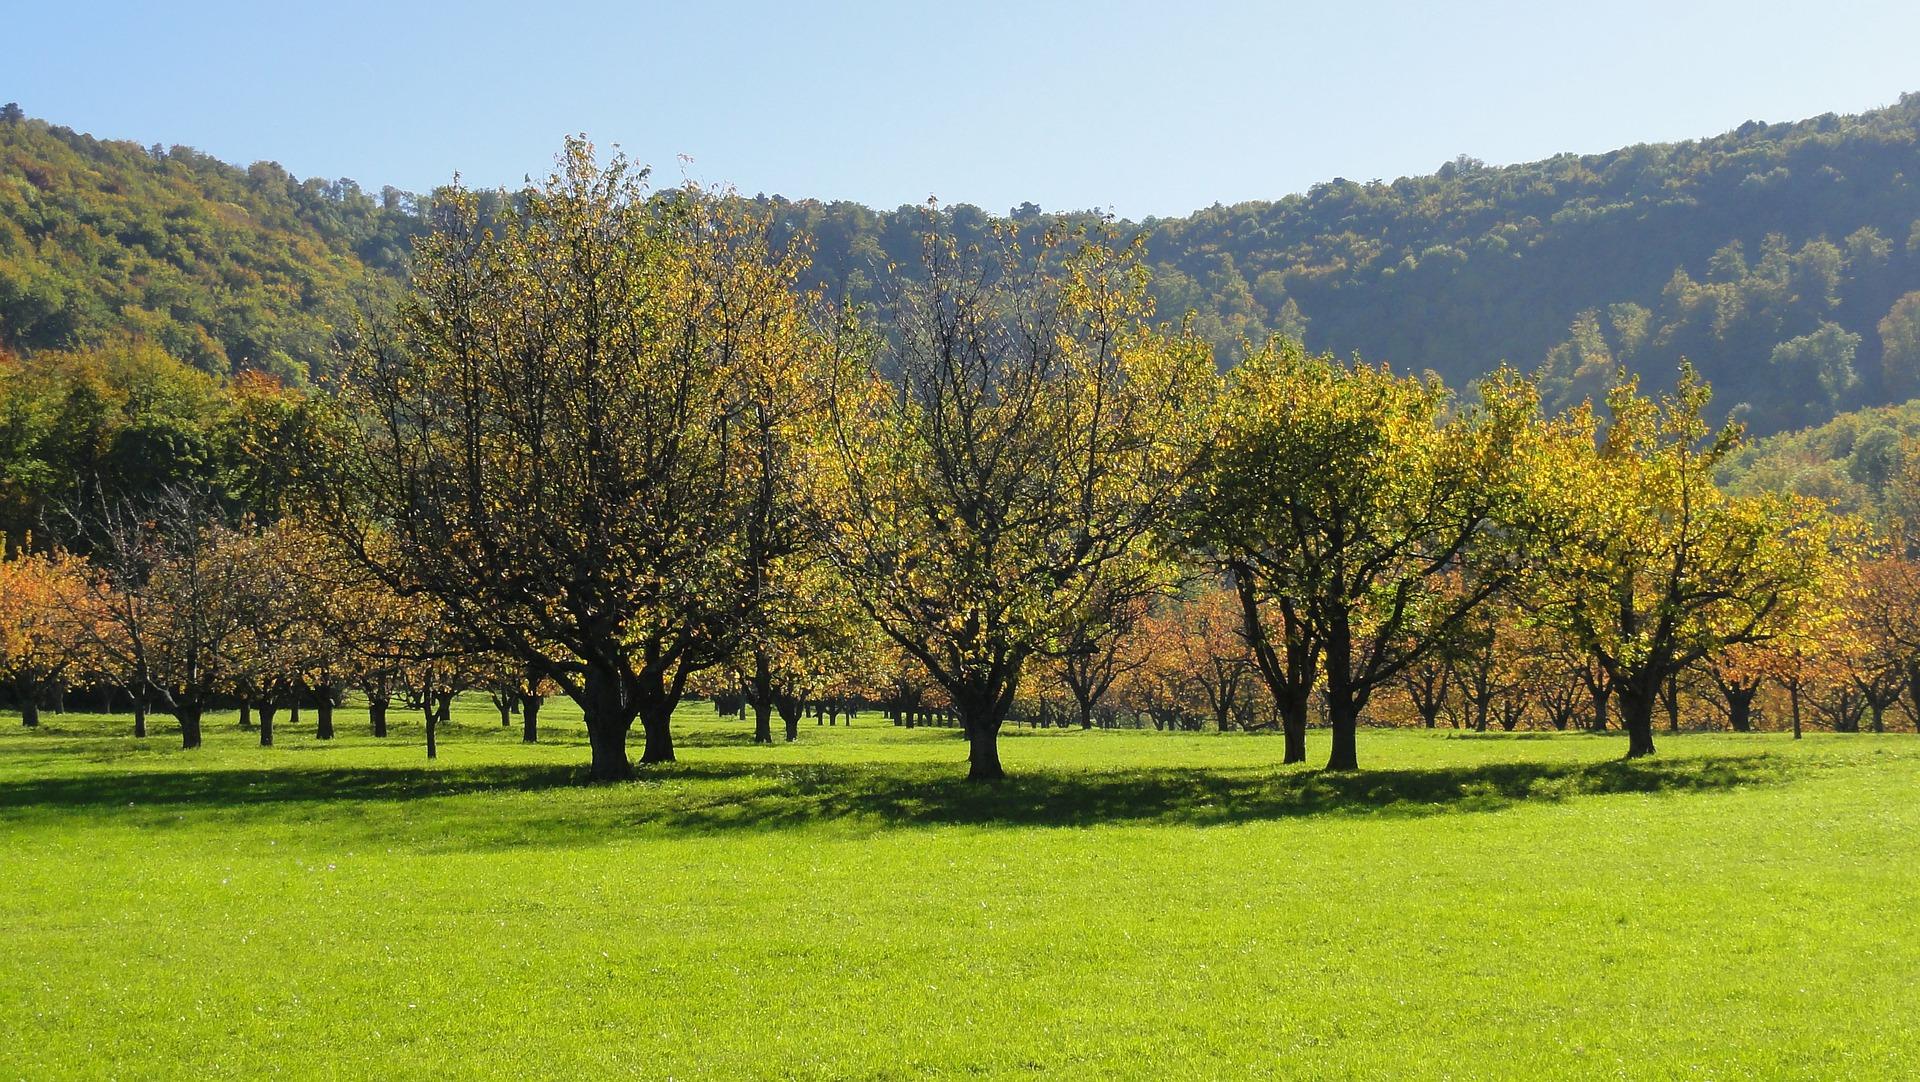 Streuobstwiese mit verschiedenen Obstbäumen. Foto: Hans